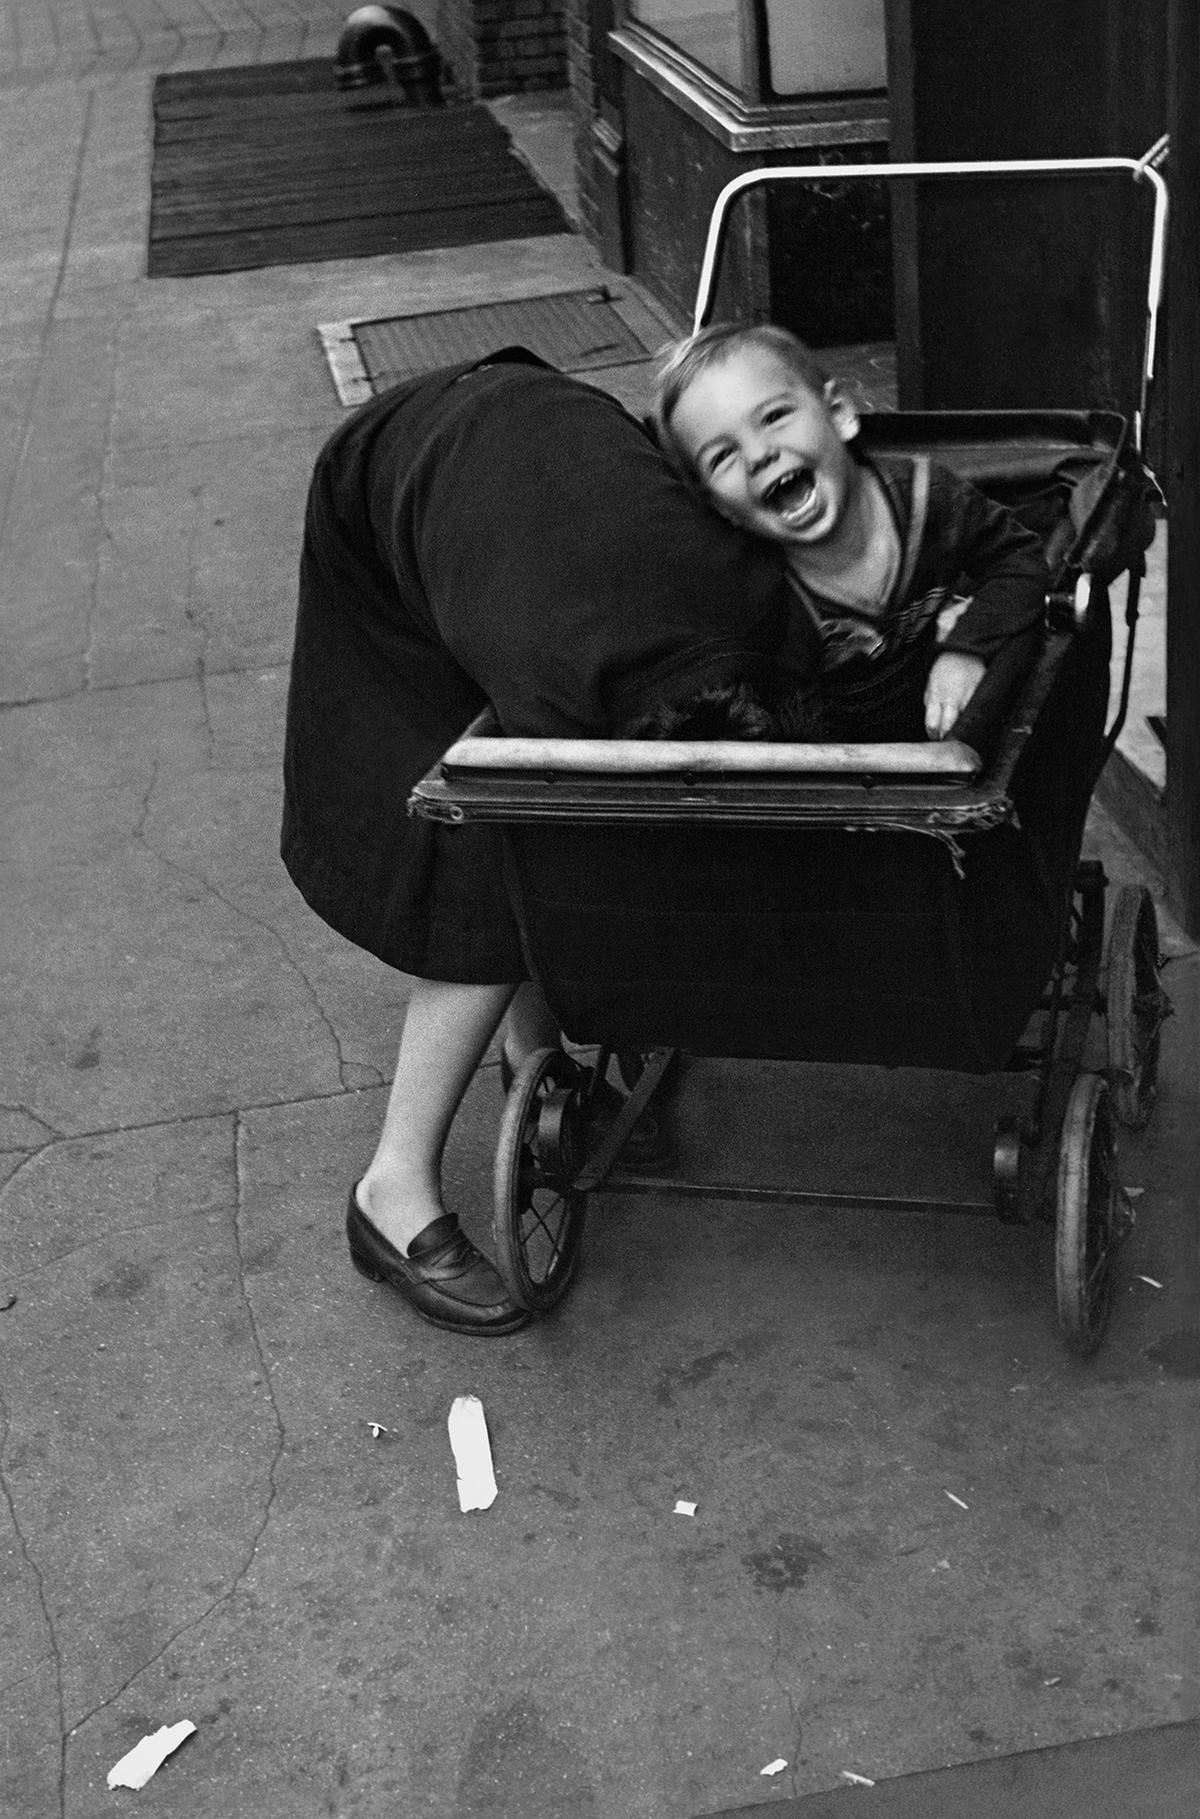 Helen Levitt New York, 1940 Silbergelatinepapier Albertina, Wien. Dauerleihgabe der Österreichischen Ludwig-Stiftung für Kunst und Wissenschaft © Film Documents LLC / Courtesy Galerie Thomas Zander, Köln